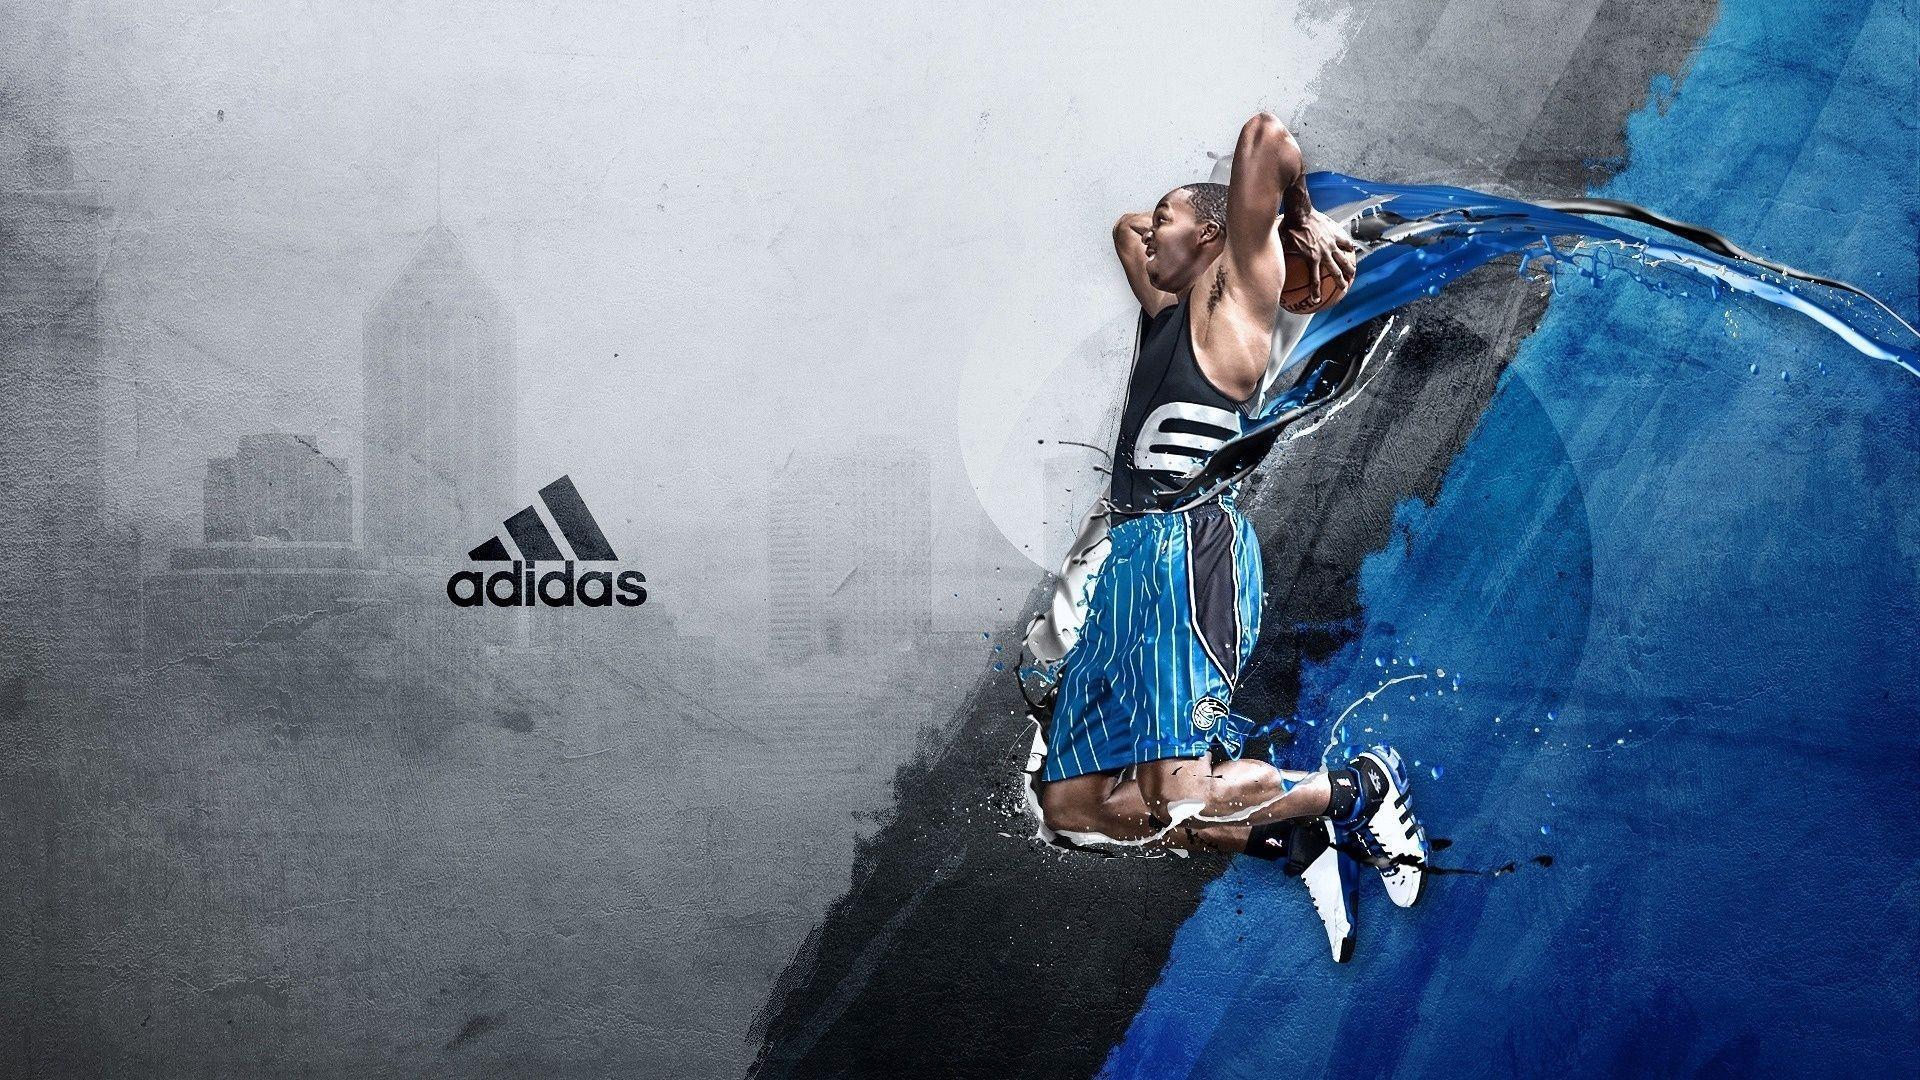 Adidas NBA Basketball Wallpapers